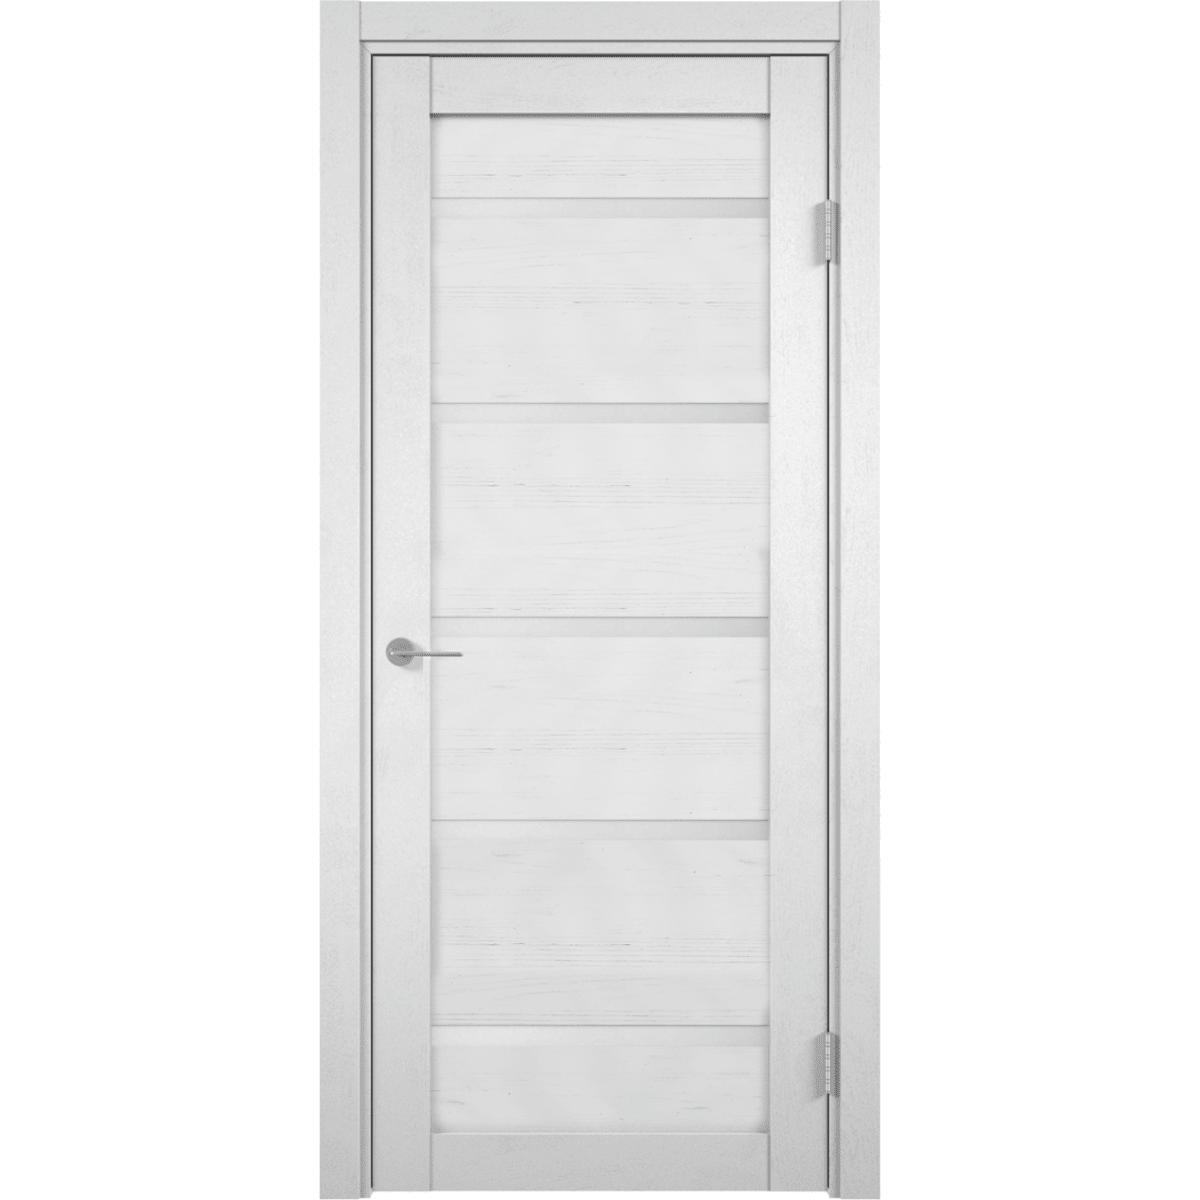 Дверь межкомнатная остекленная Бавария 80x200 см сосна андерсен